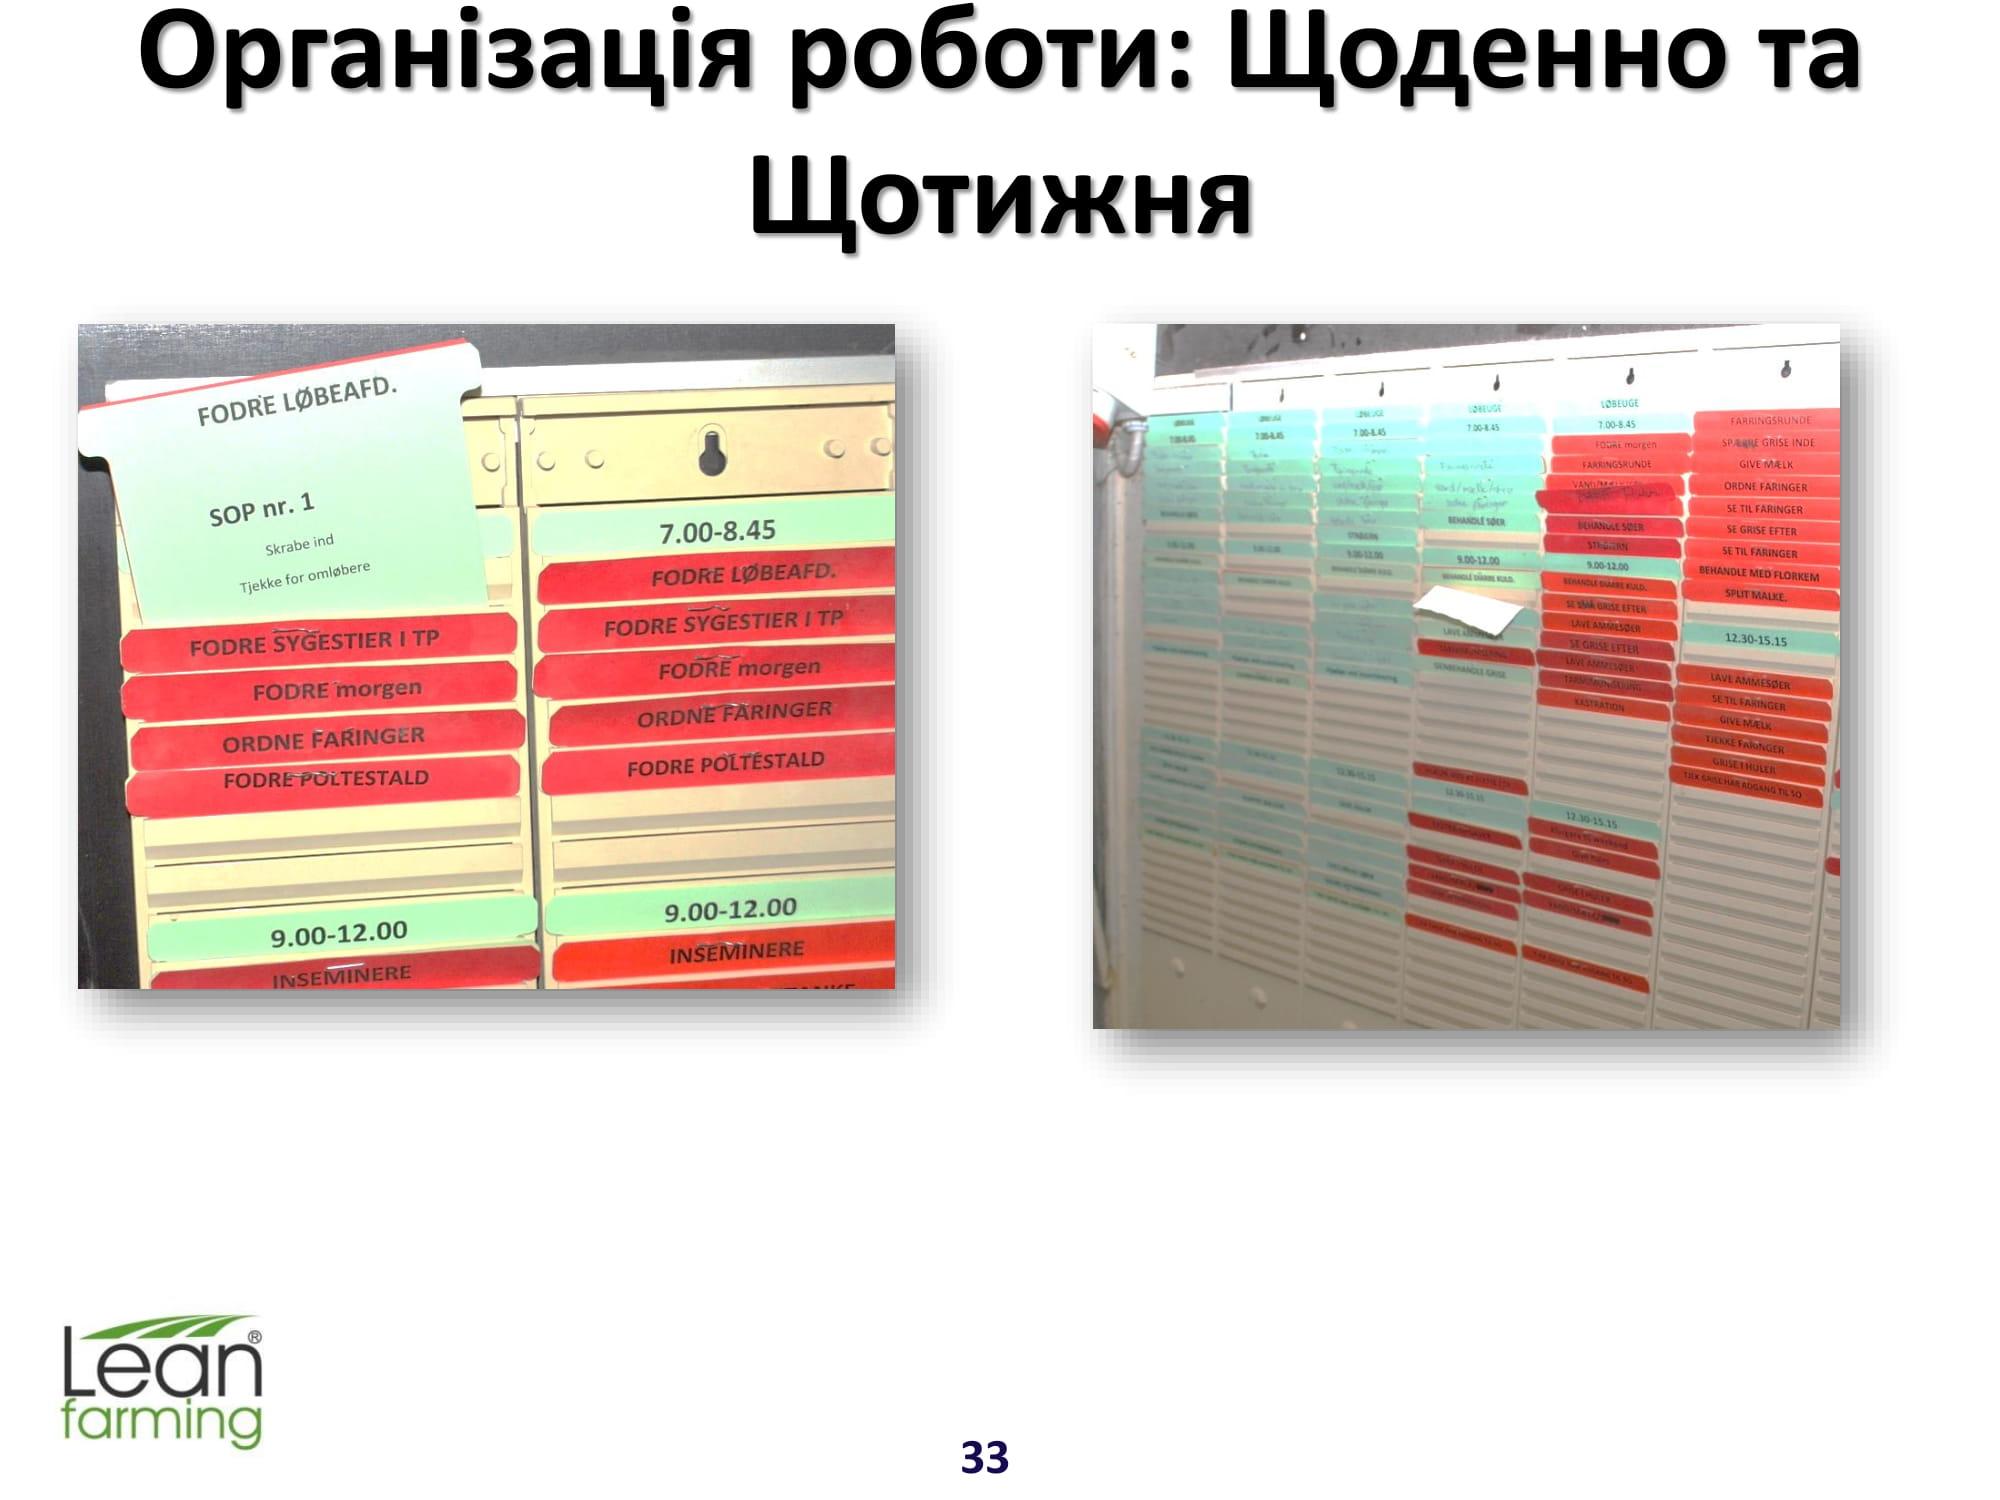 Romantsov Roman Oshhadlyve Fermerstvo 15 03 18 33